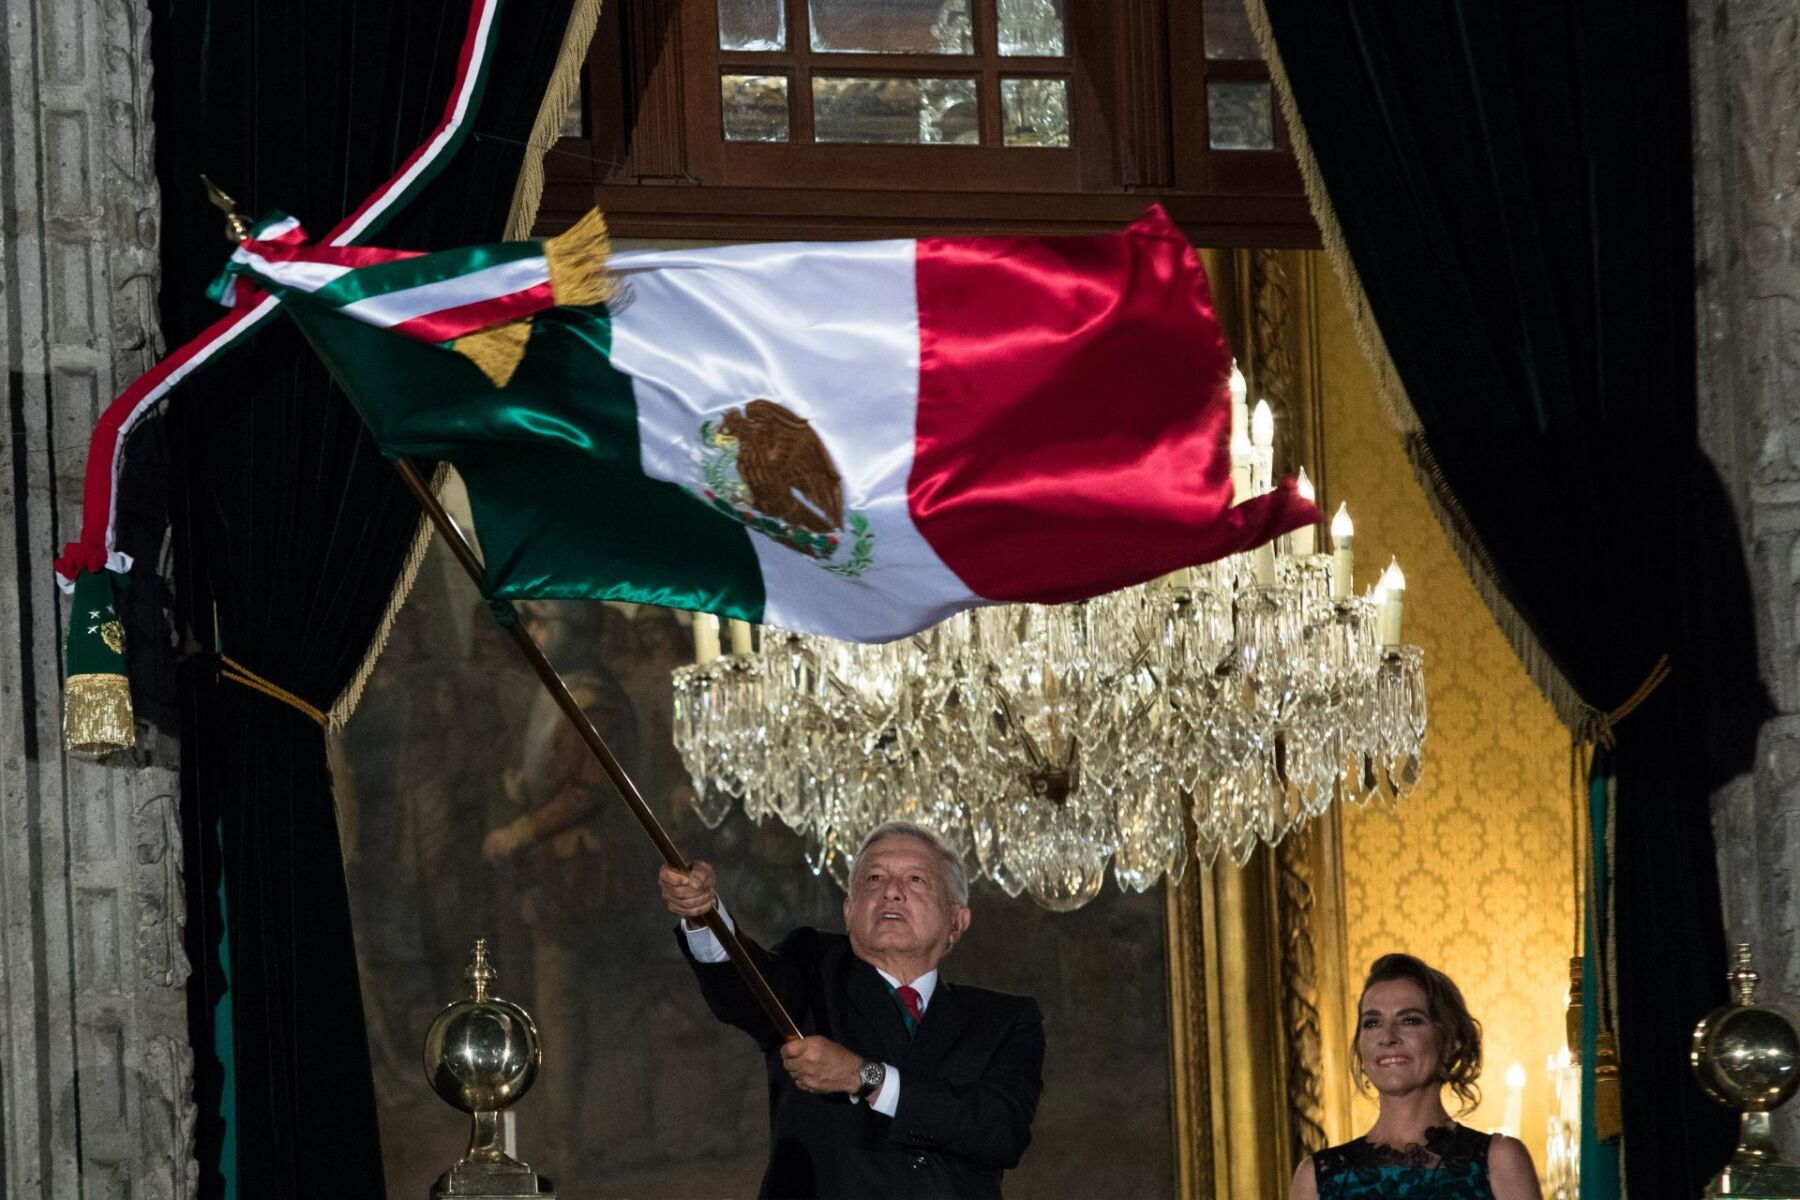 CIUDAD DE MÉXICO, 15SEPTIEMBRE2019.- Andrés Manuel López Obrador, Presidente de México, encabezó el grito de Independencia. FOTO: MOISÉS PABLO /CUARTOSCURO.COM